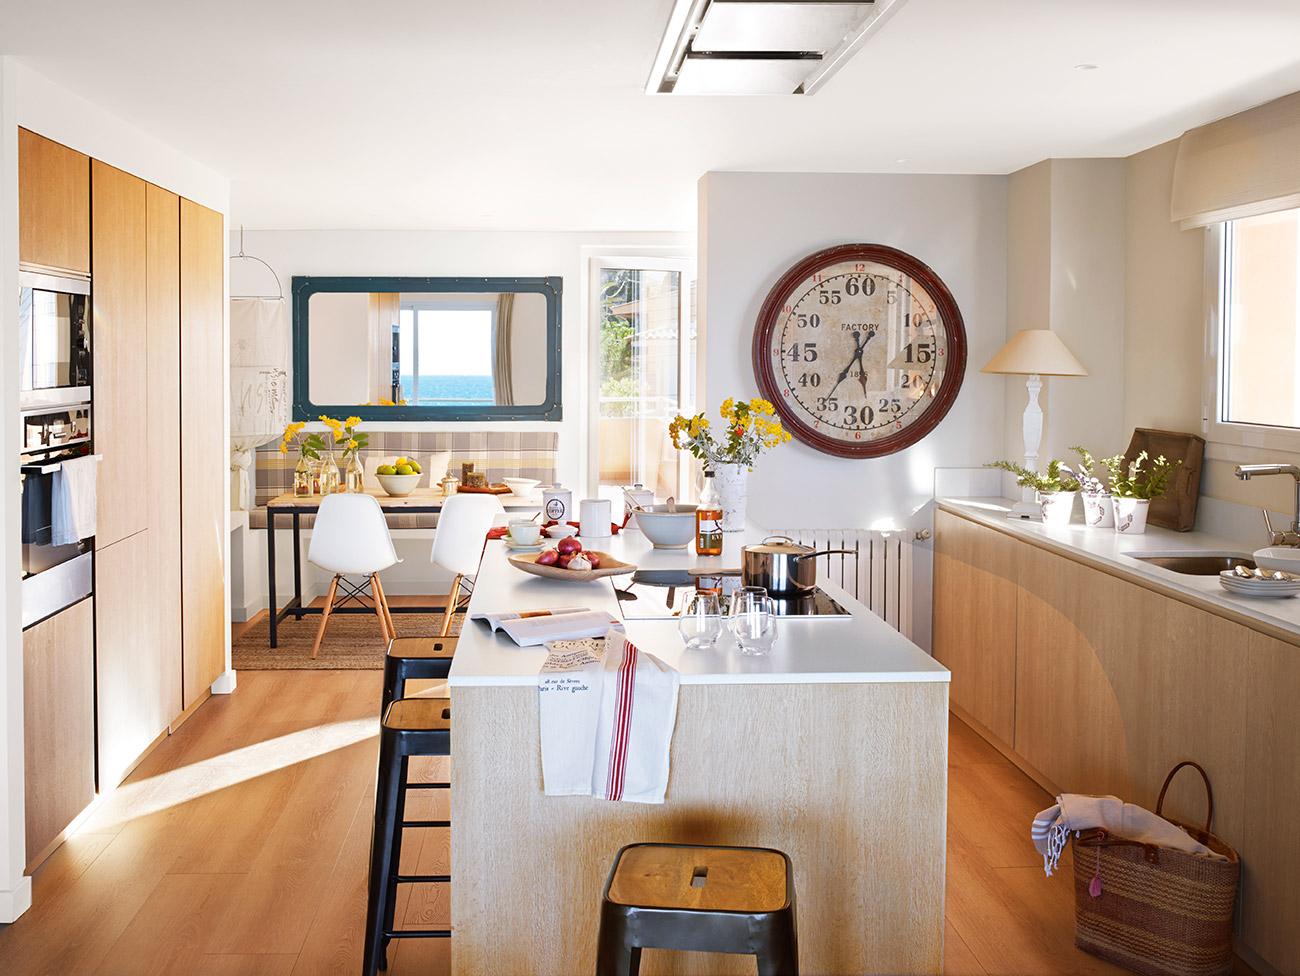 Dise o de una cocina con barra de desayuno for Modelos de barras